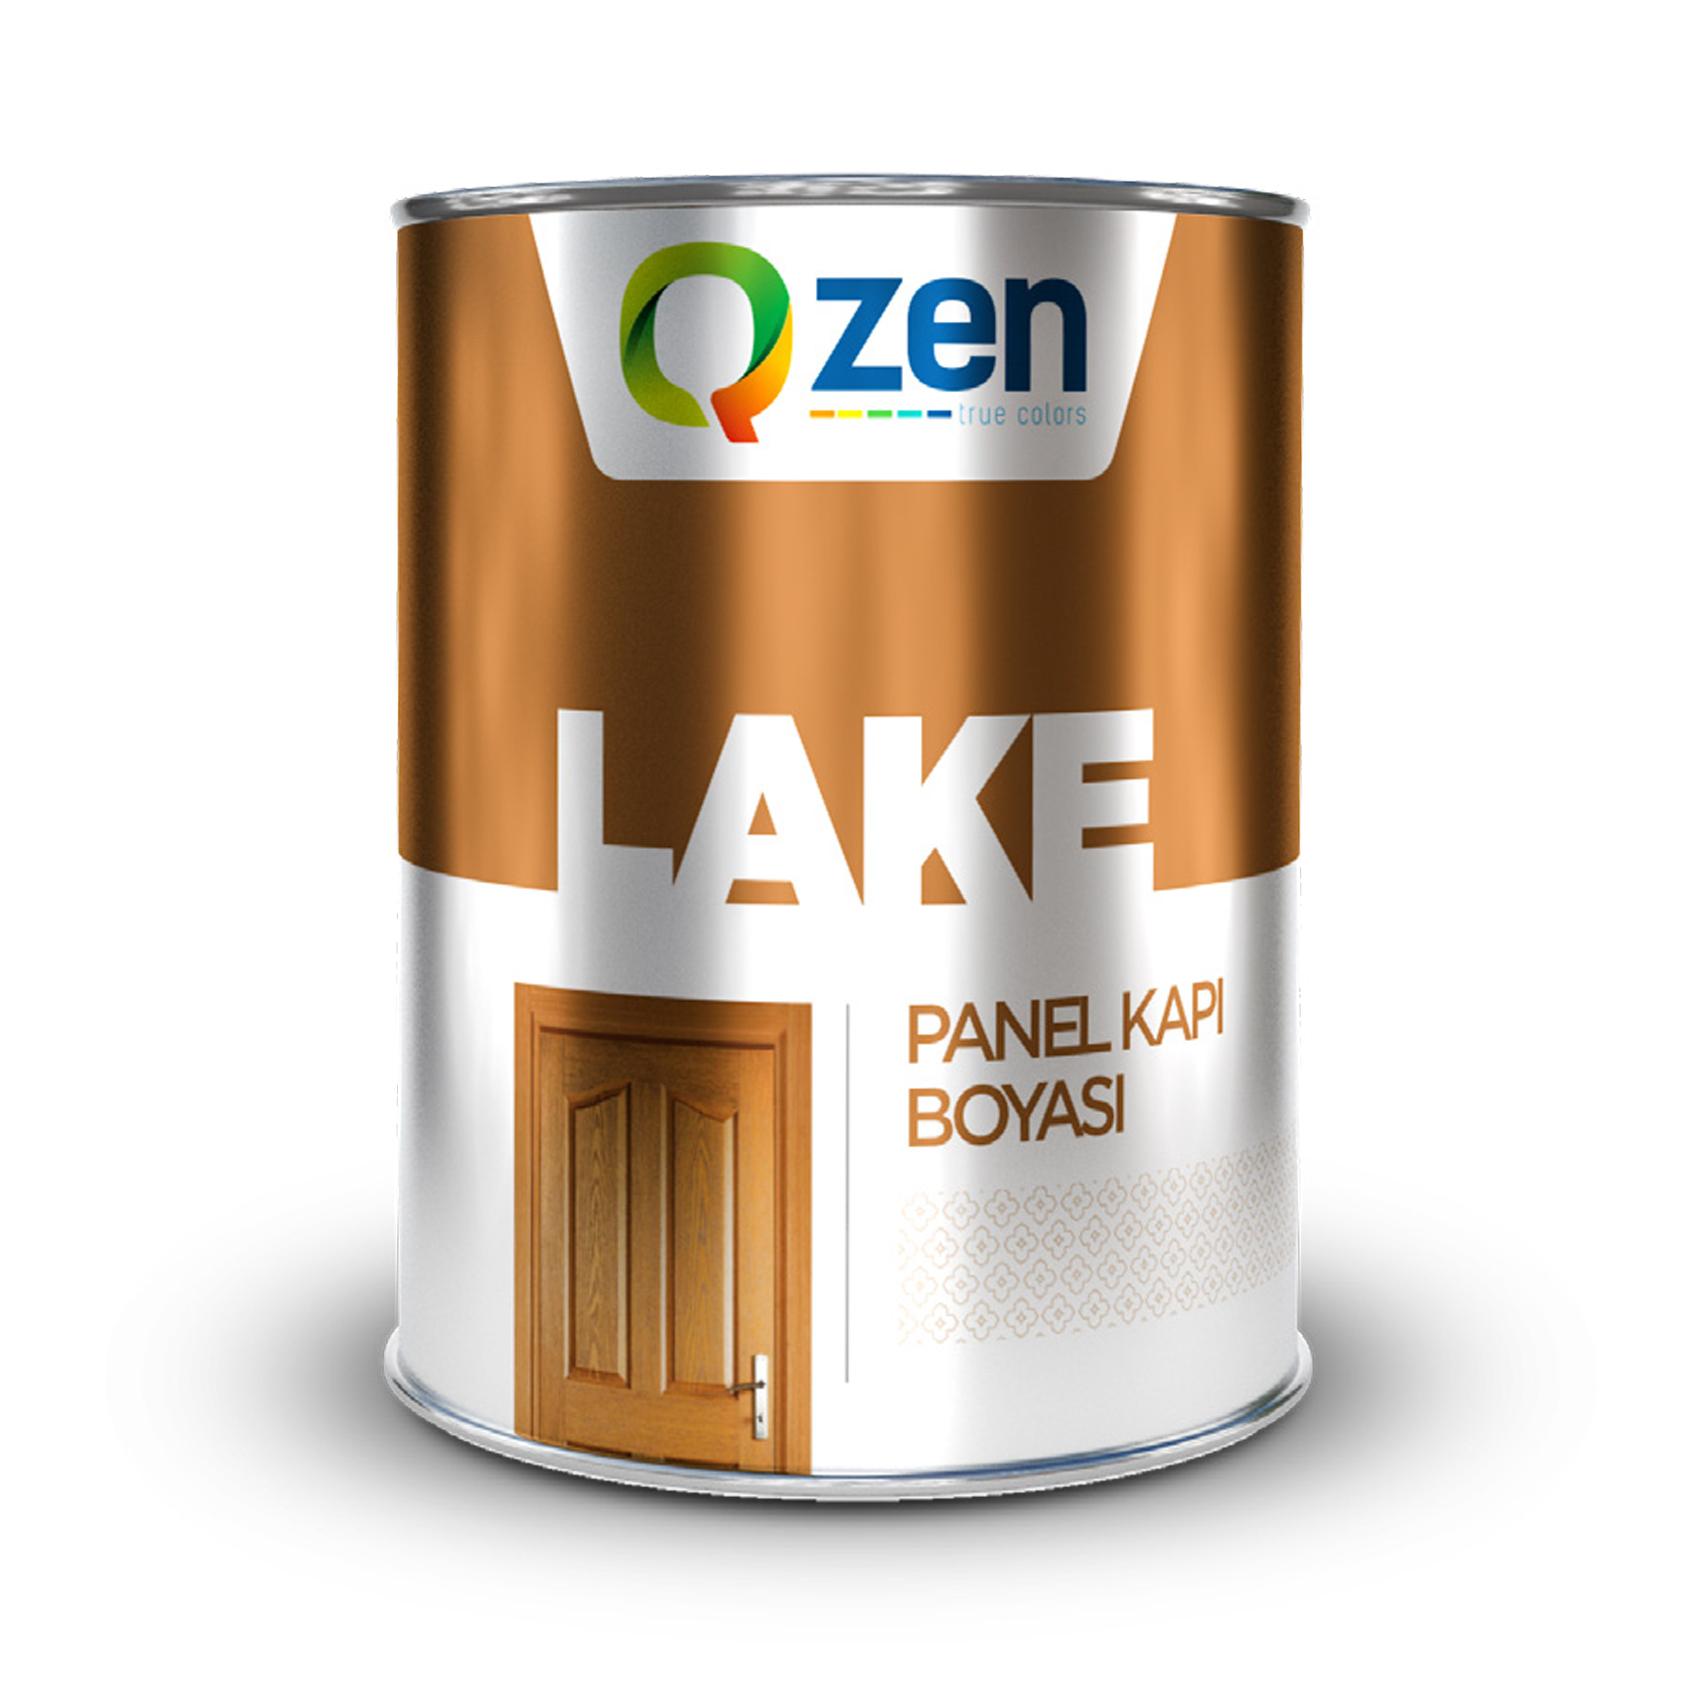 LAKE-PANEL